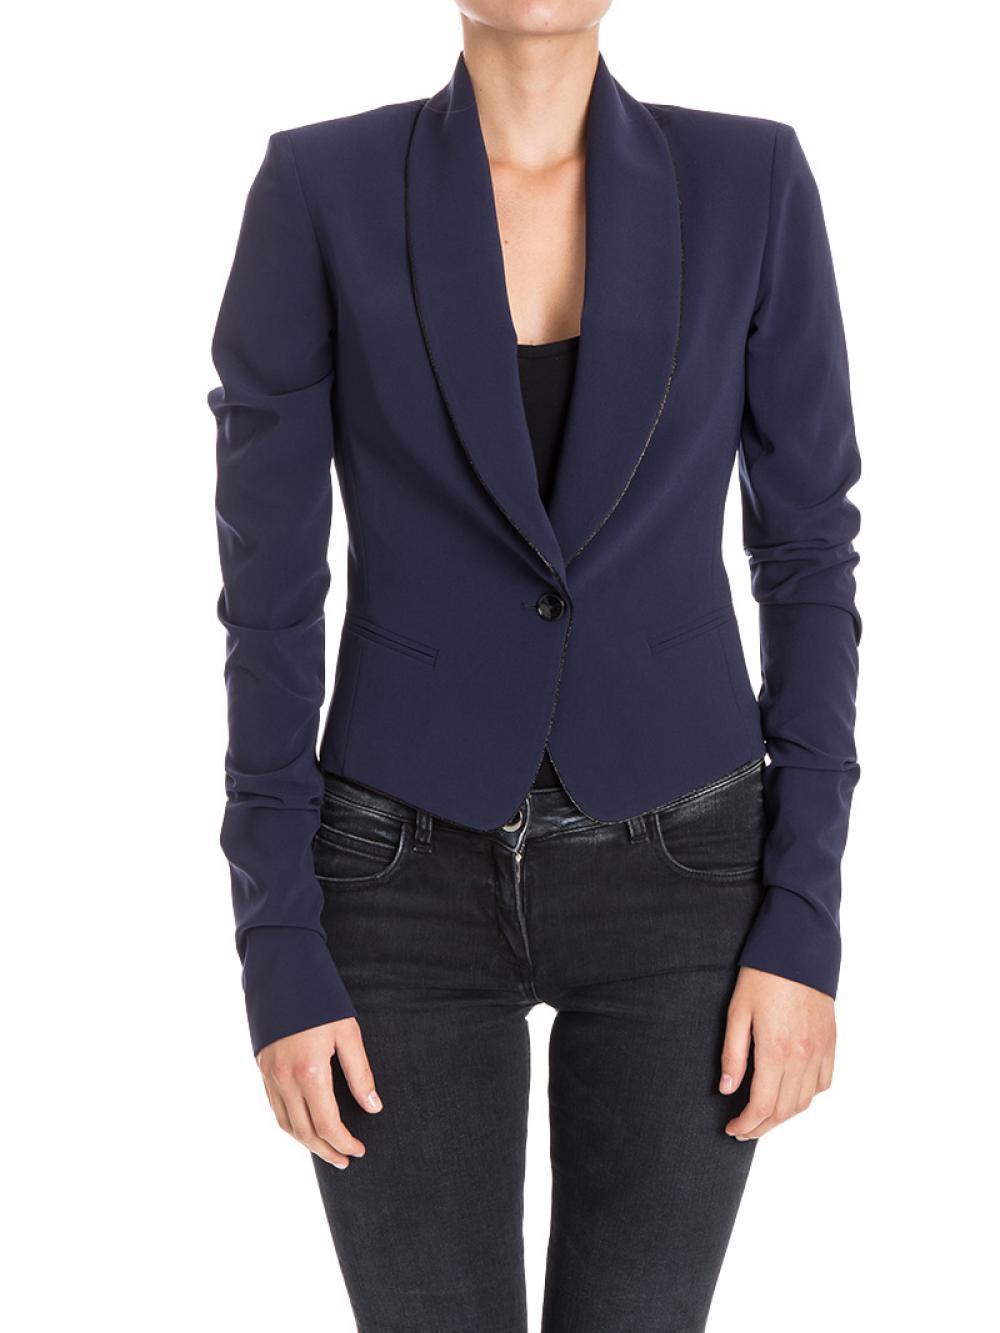 factory price 73fa7 21ef0 Giacca Donna PATRIZIA PEPE cod.8S0154 Colore BLUE